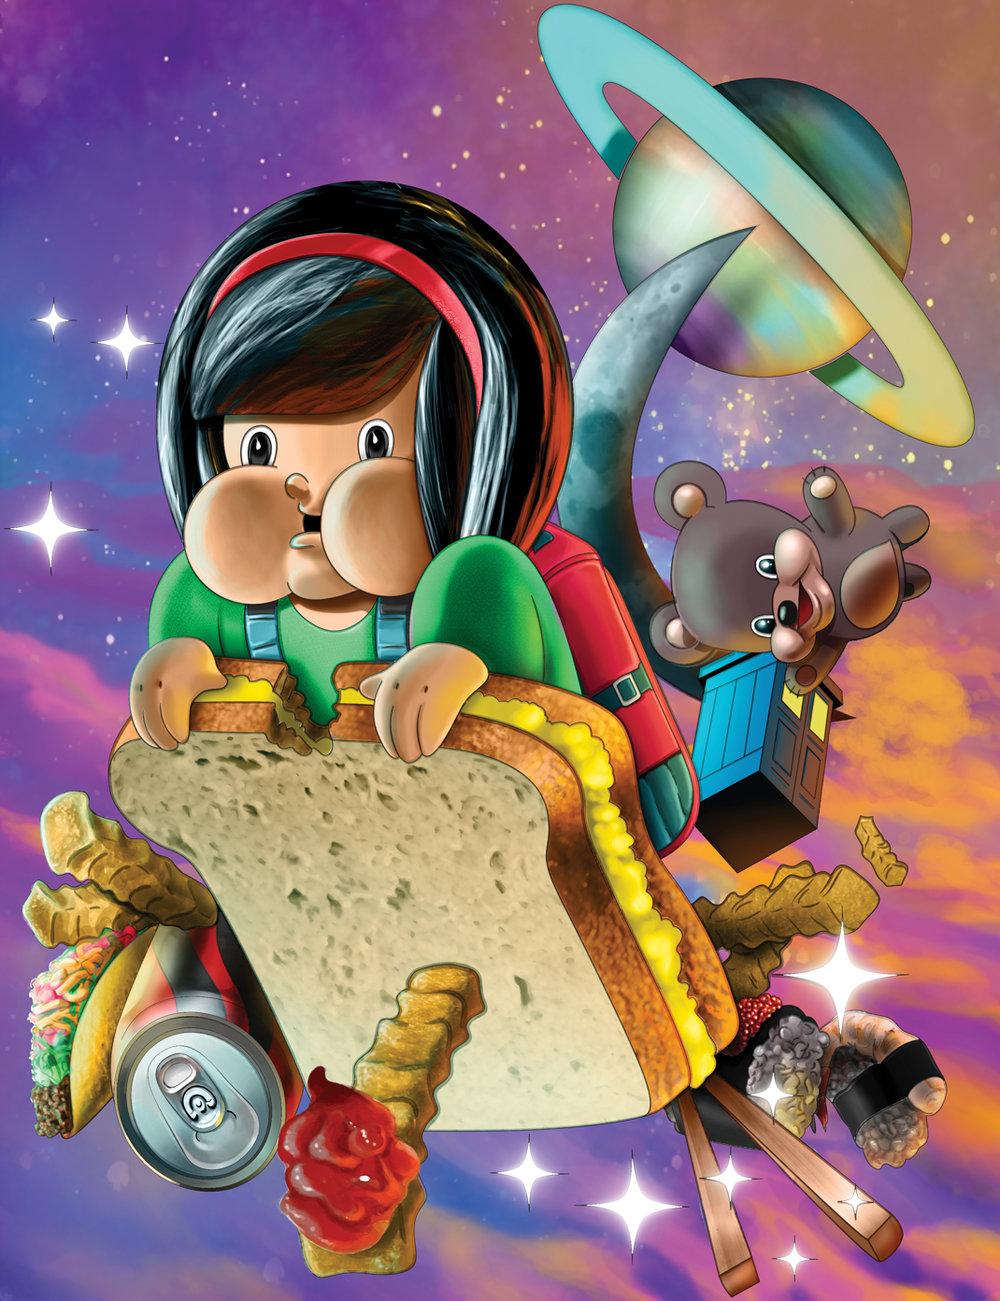 General-Illustration-junk-food-and-the-explorer.jpg